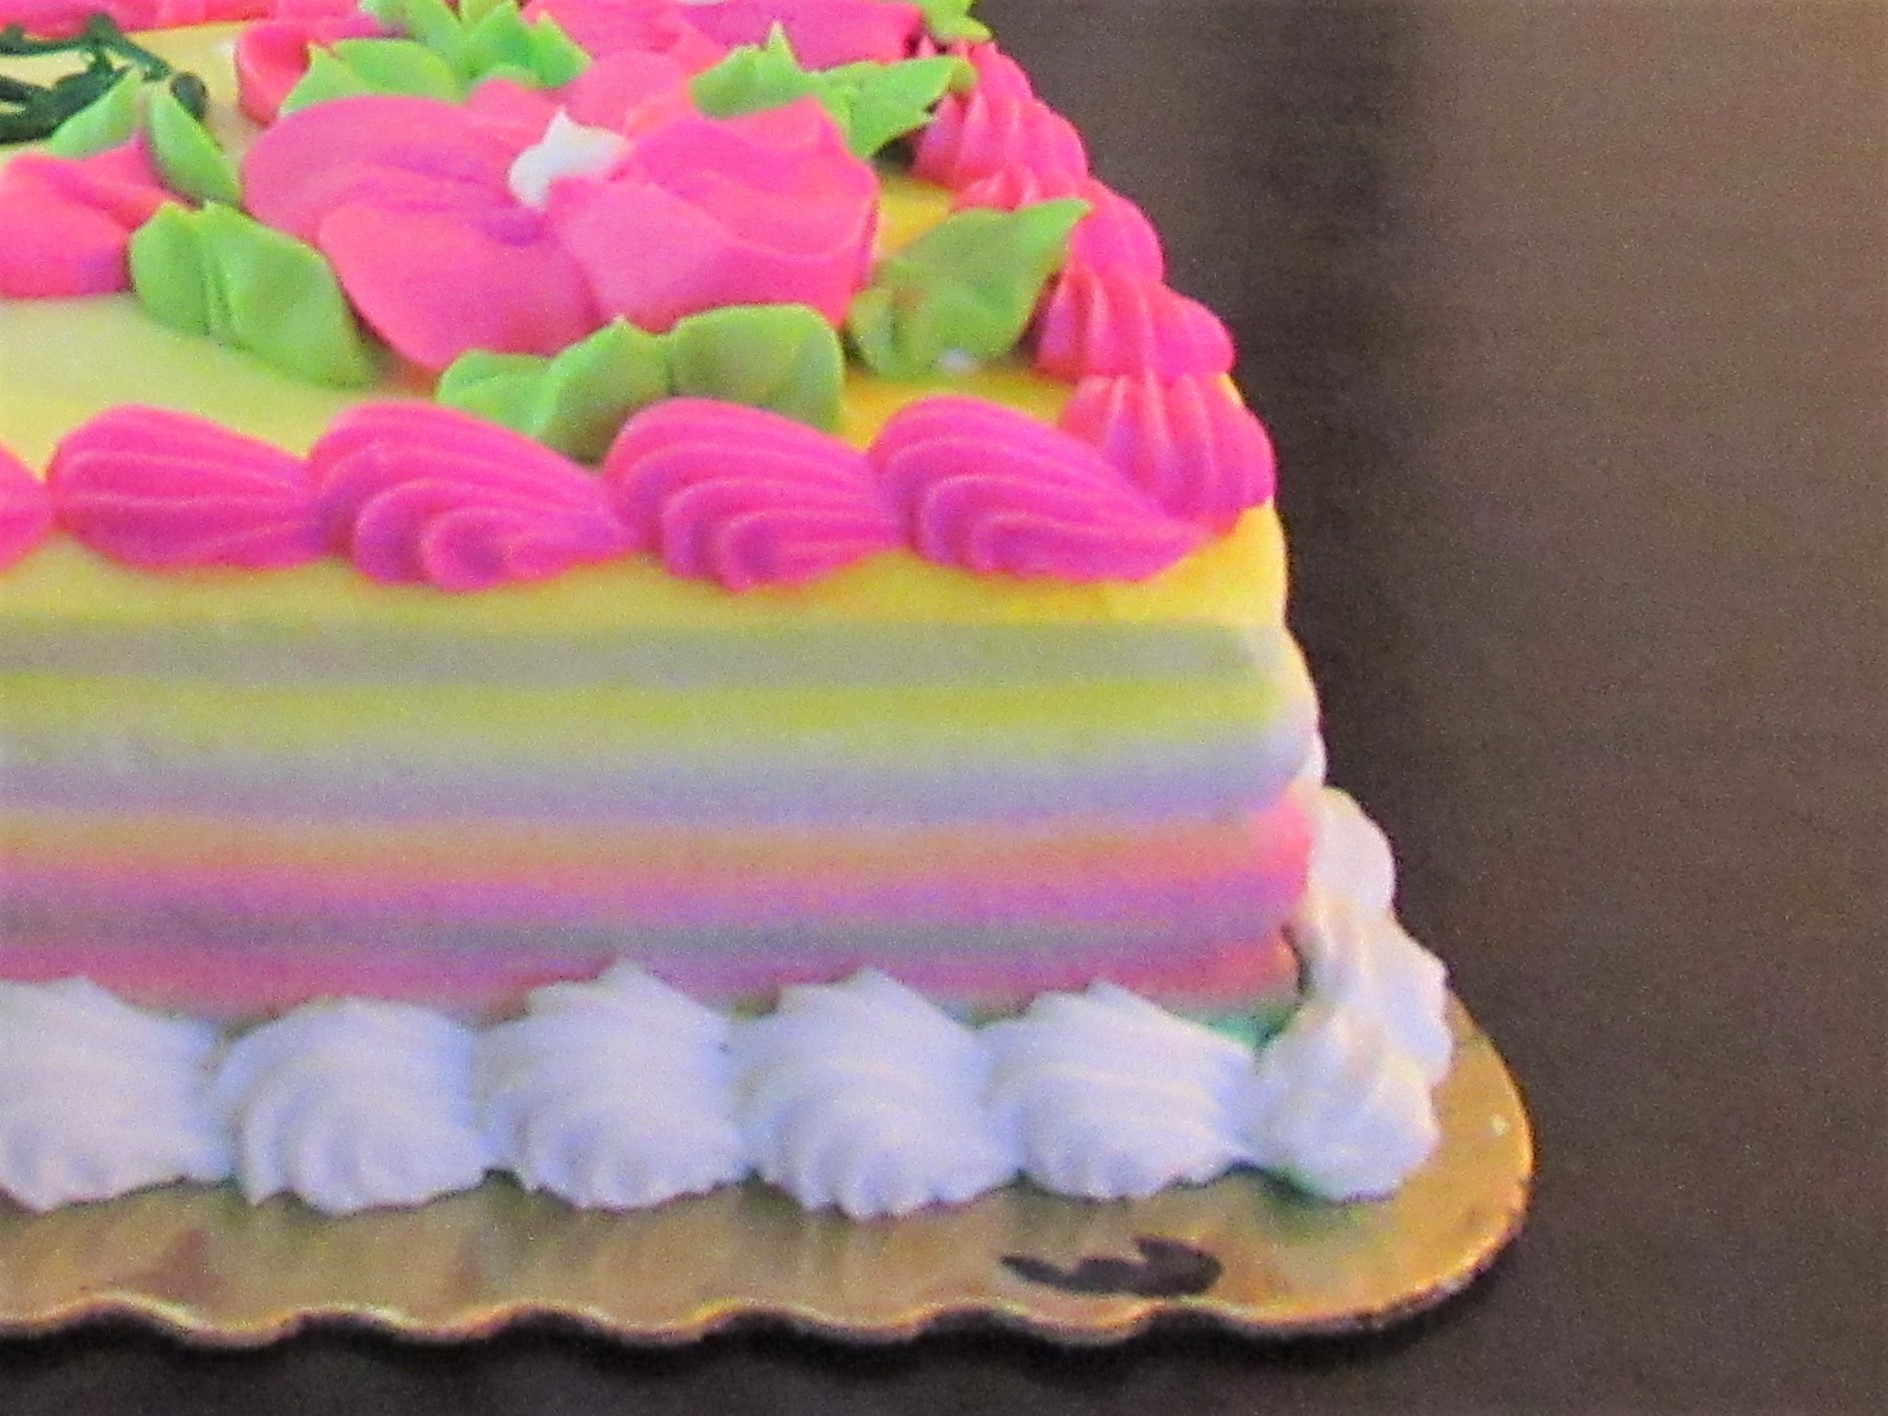 ハワイの誕生日ケーキ「セーフウェイ」編|子連れブログ旅